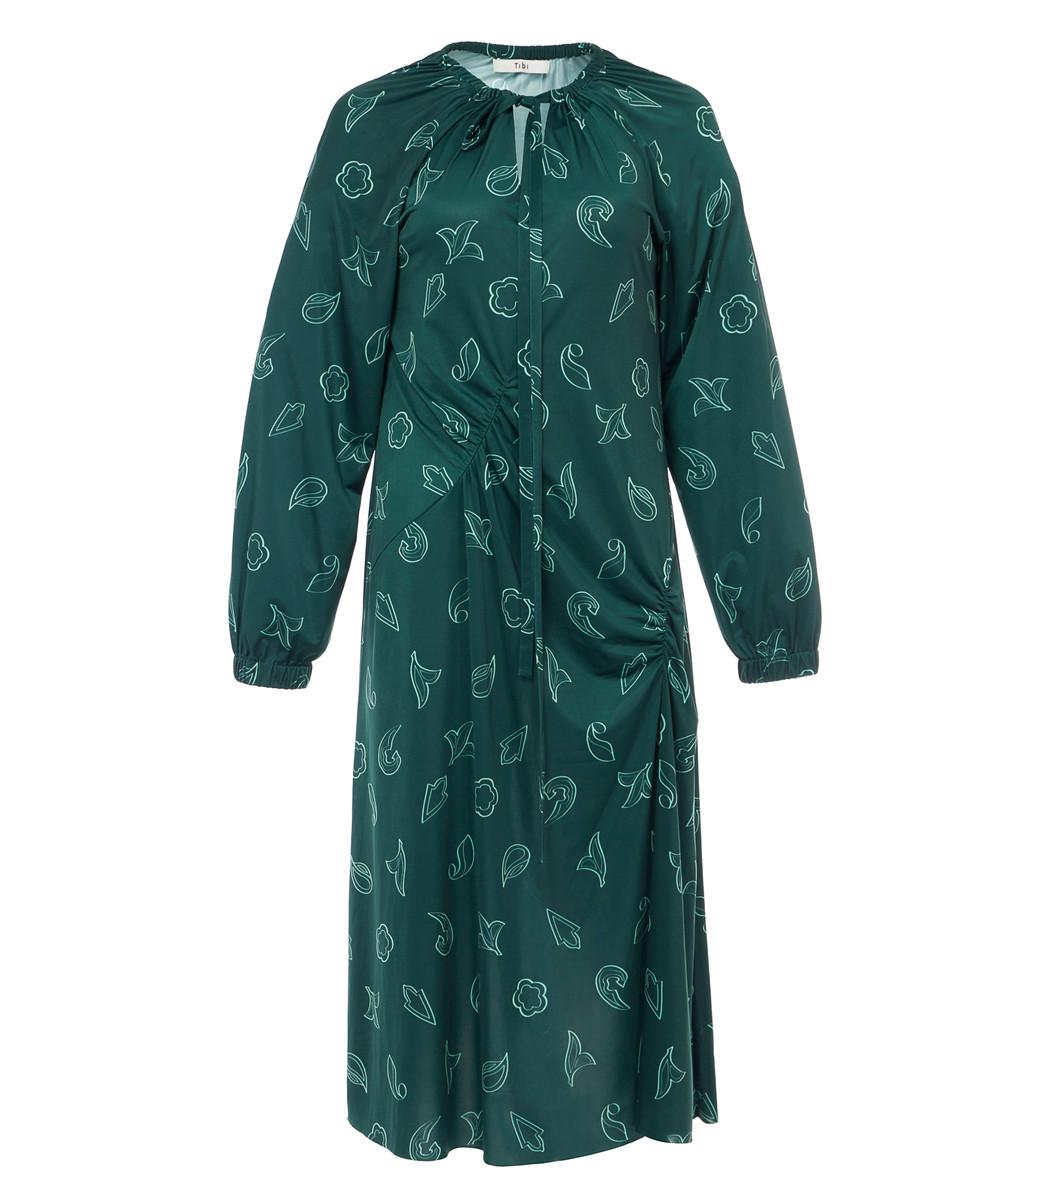 Sale Wholesale Price Tibi Remi dress Cheap Sale Marketable Best Prices Online Excellent 6Prdba